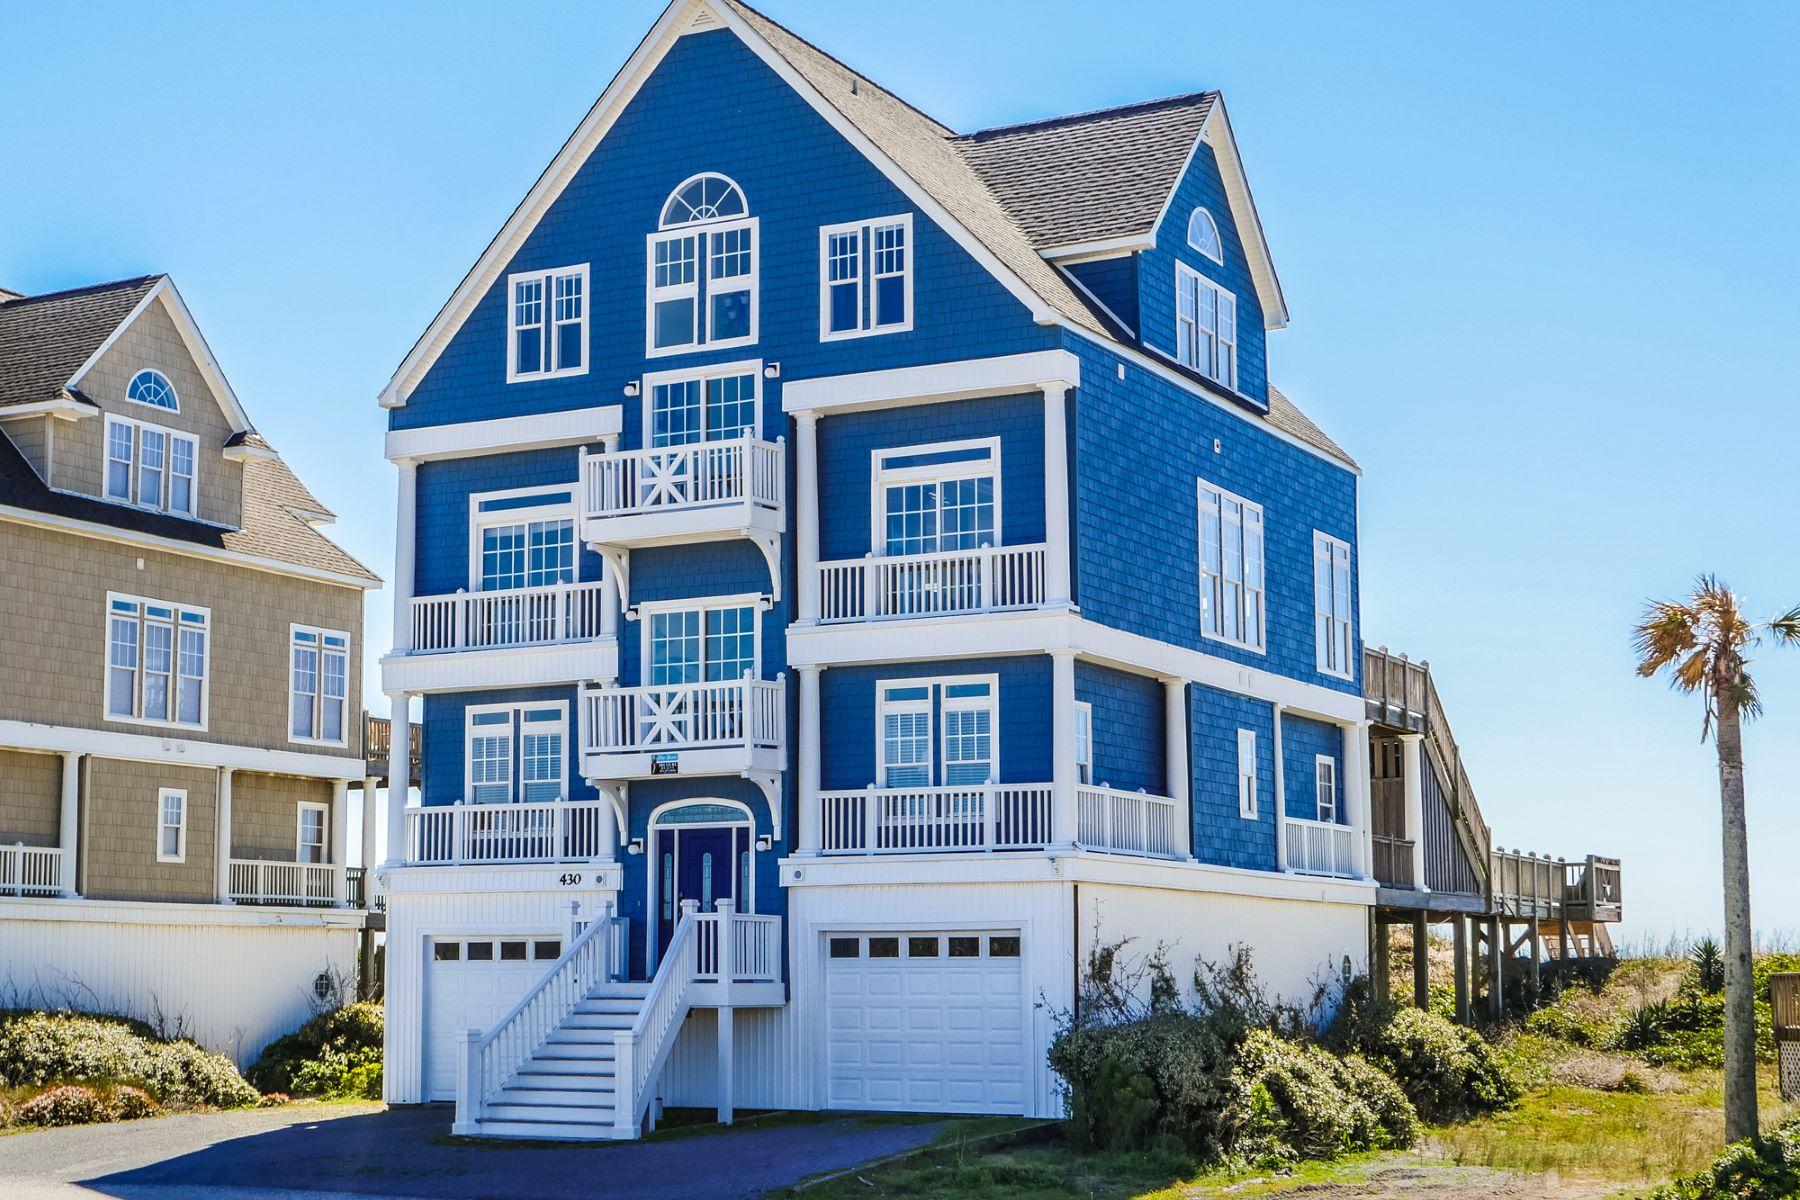 Maison unifamiliale pour l Vente à Oceanfront Magnificence 430 New River Inlet Rd N Topsail Beach, Carolina Du Nord, 28460 États-Unis